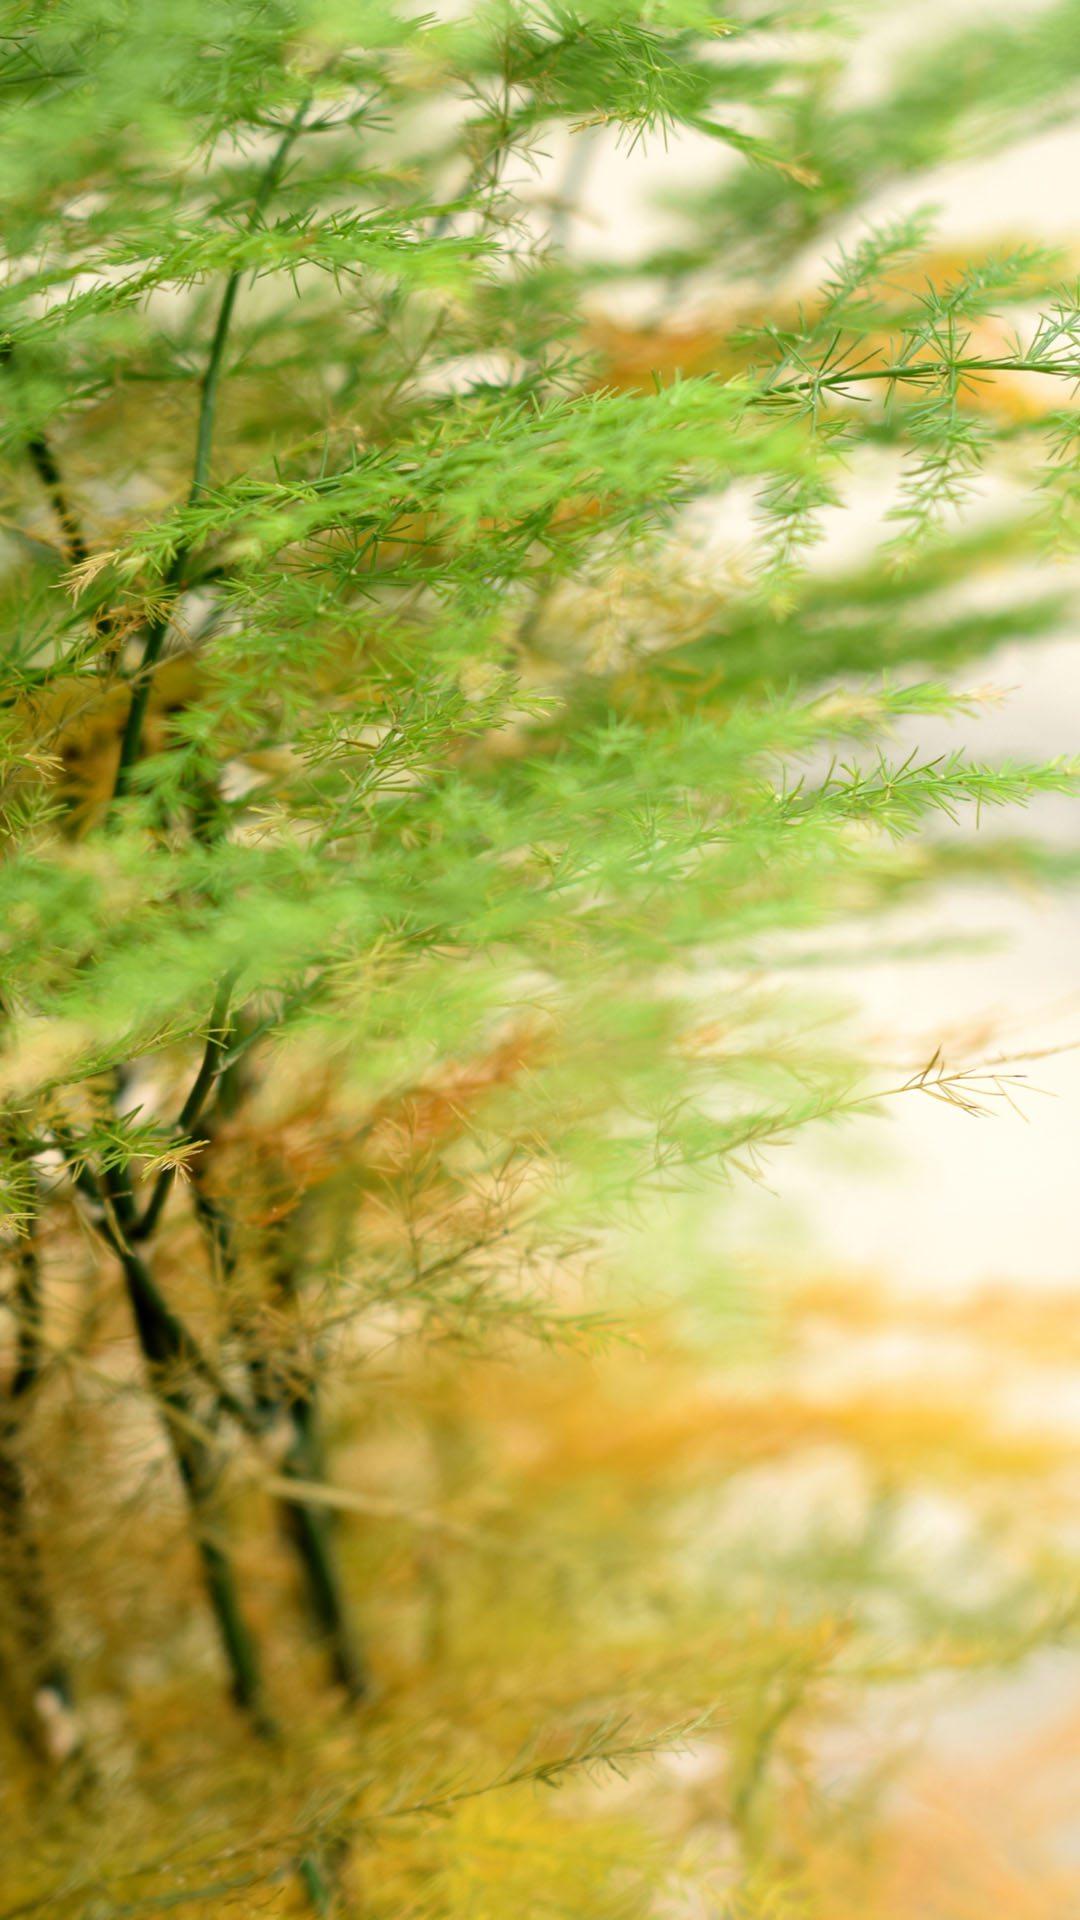 文竹手机壁纸图片-美丽的文竹